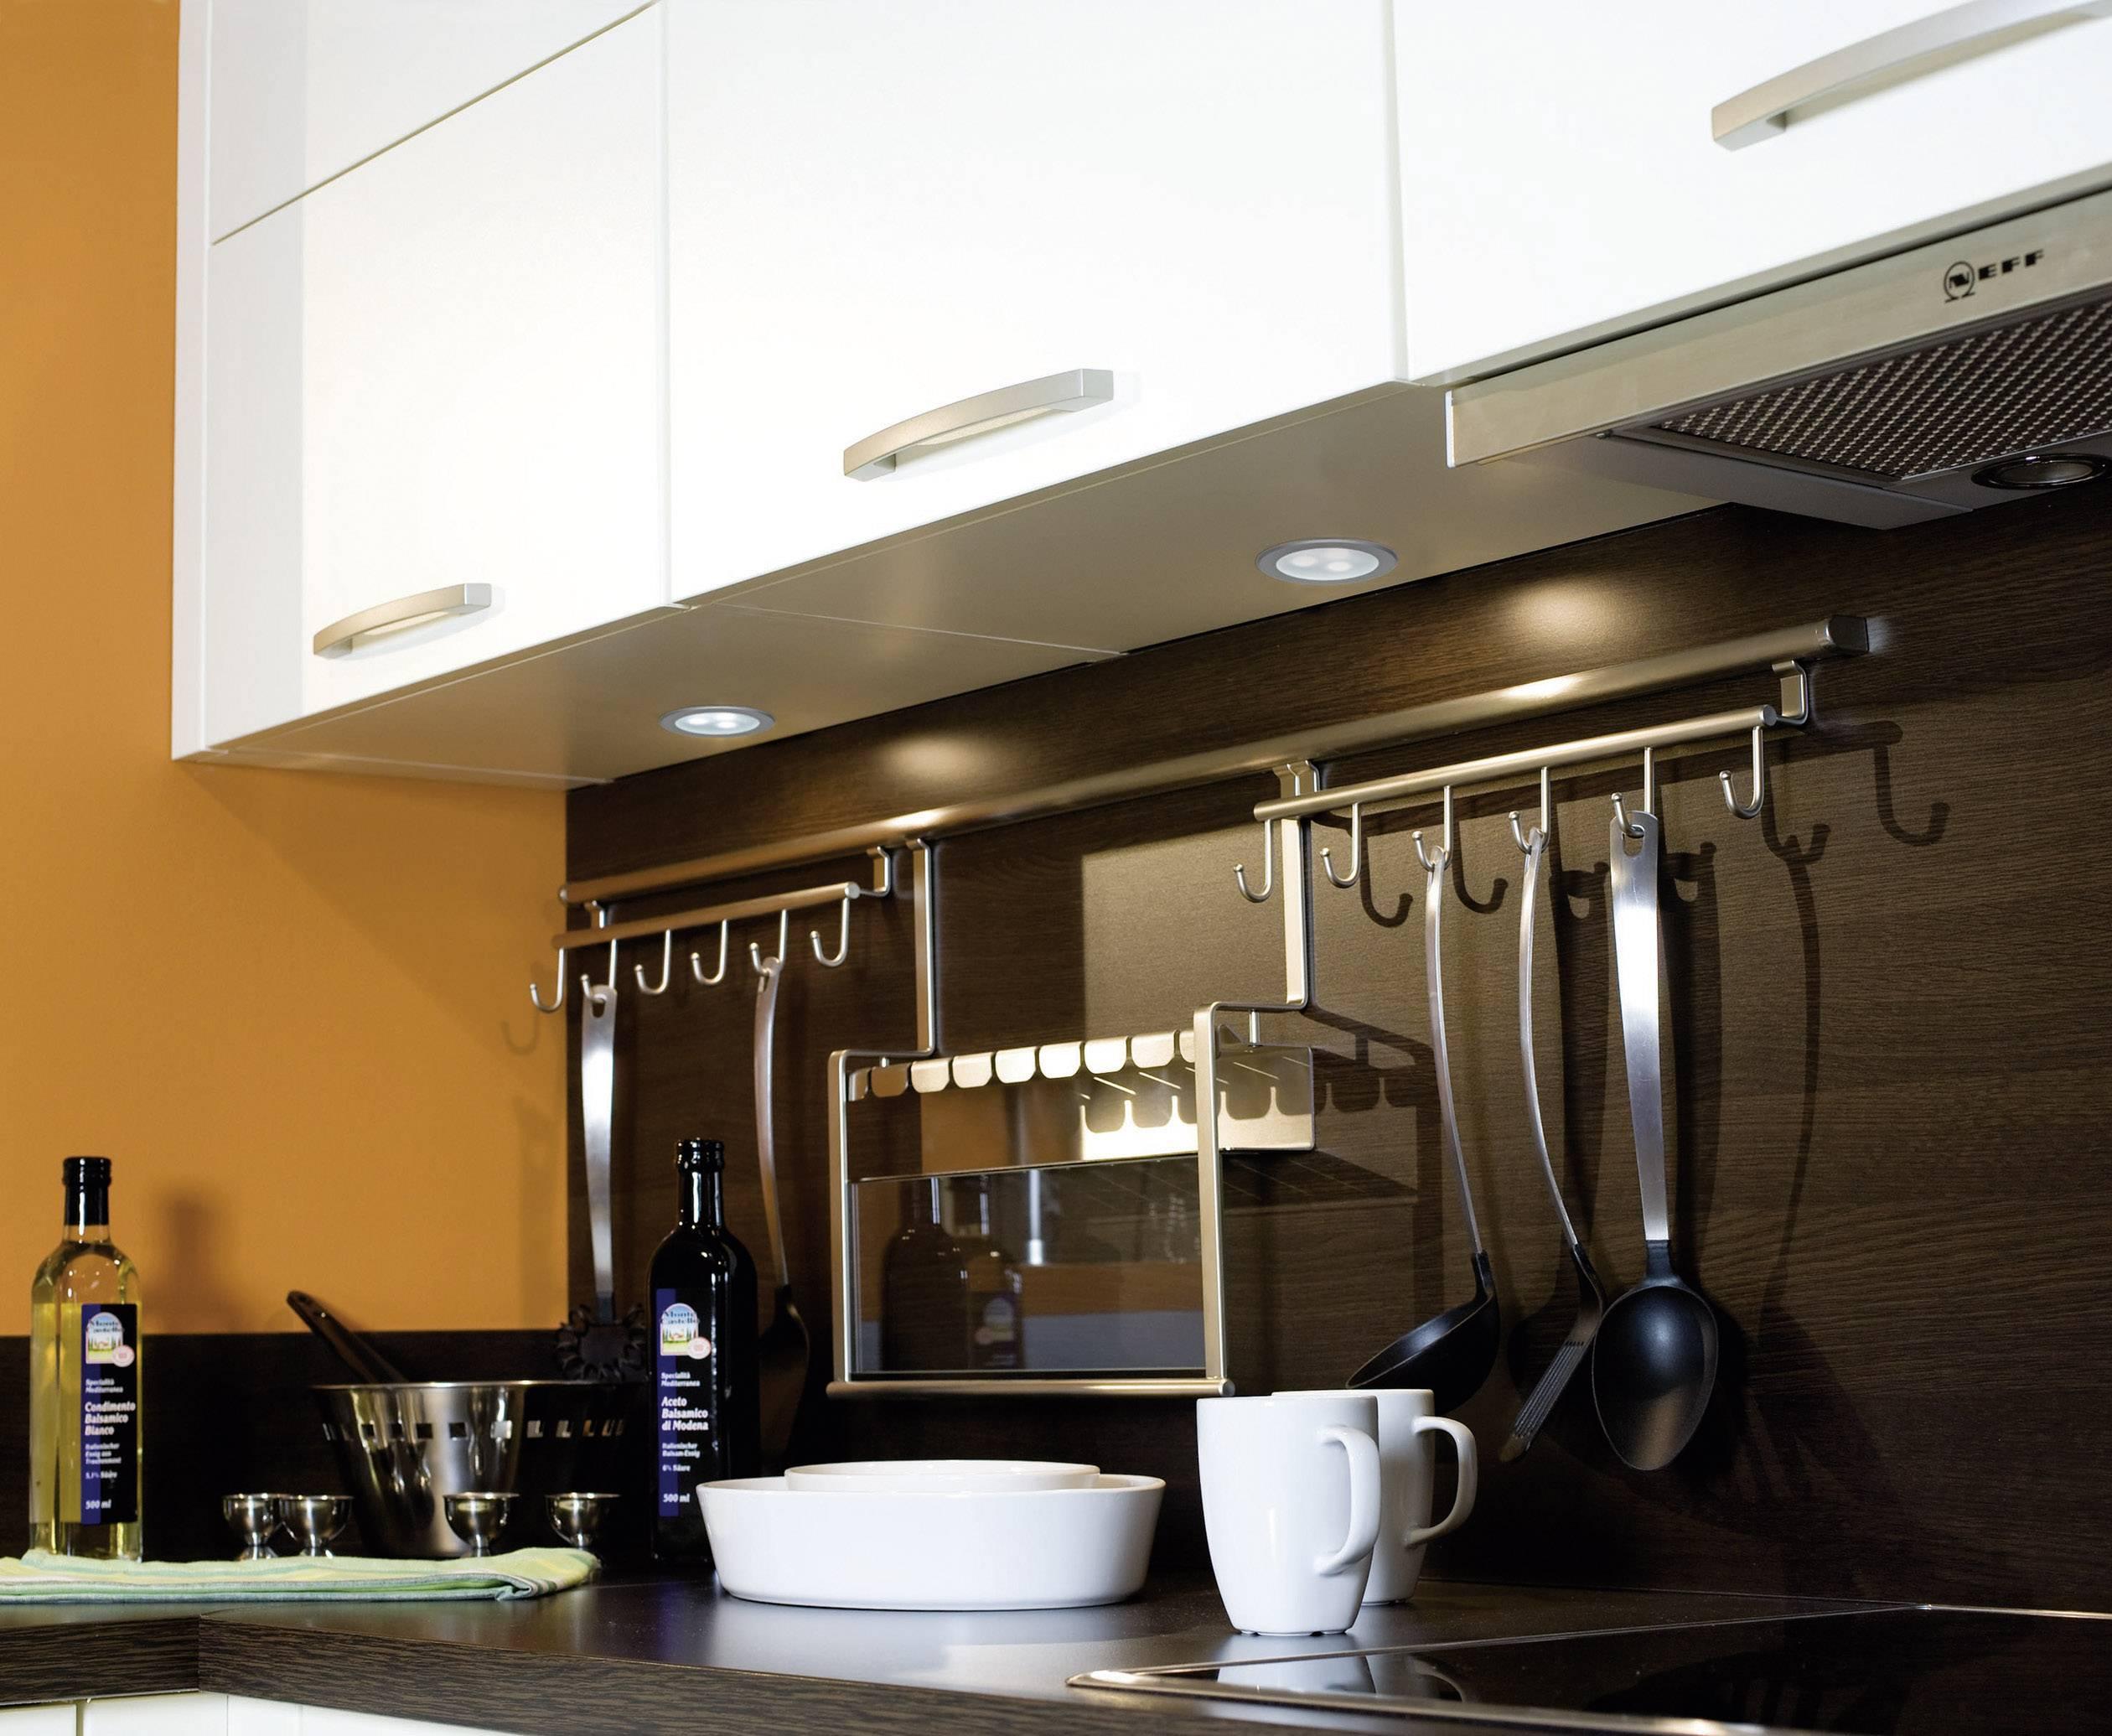 Vstavané LED svetlo do nábytku Paulmann Micro Line, 3x 3 W, studená biela, 75 mm